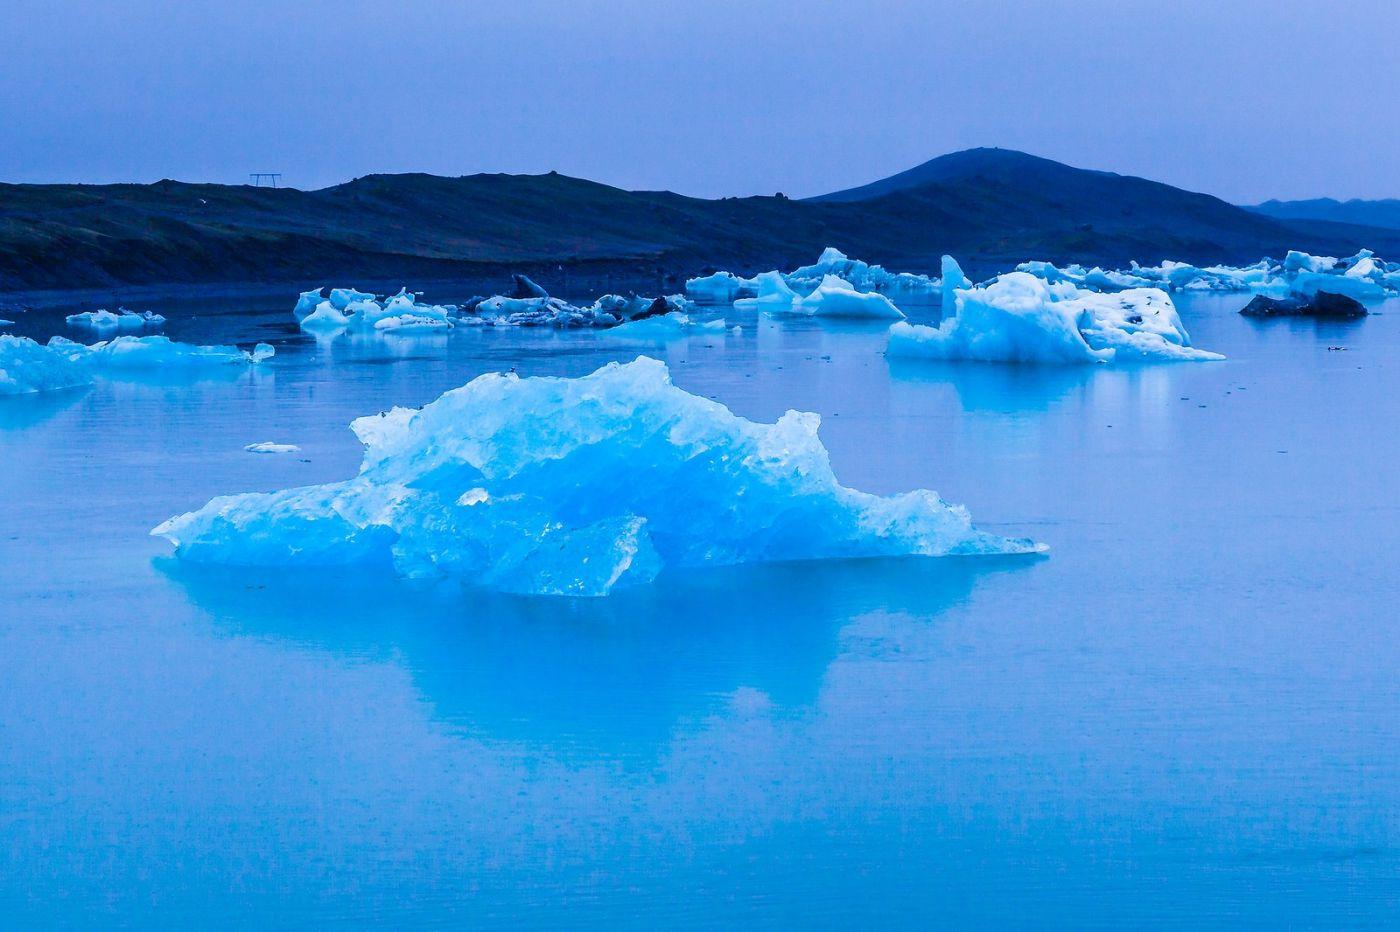 冰岛冰川泻湖(Glacier Lagoon),自然雕塑_图1-7